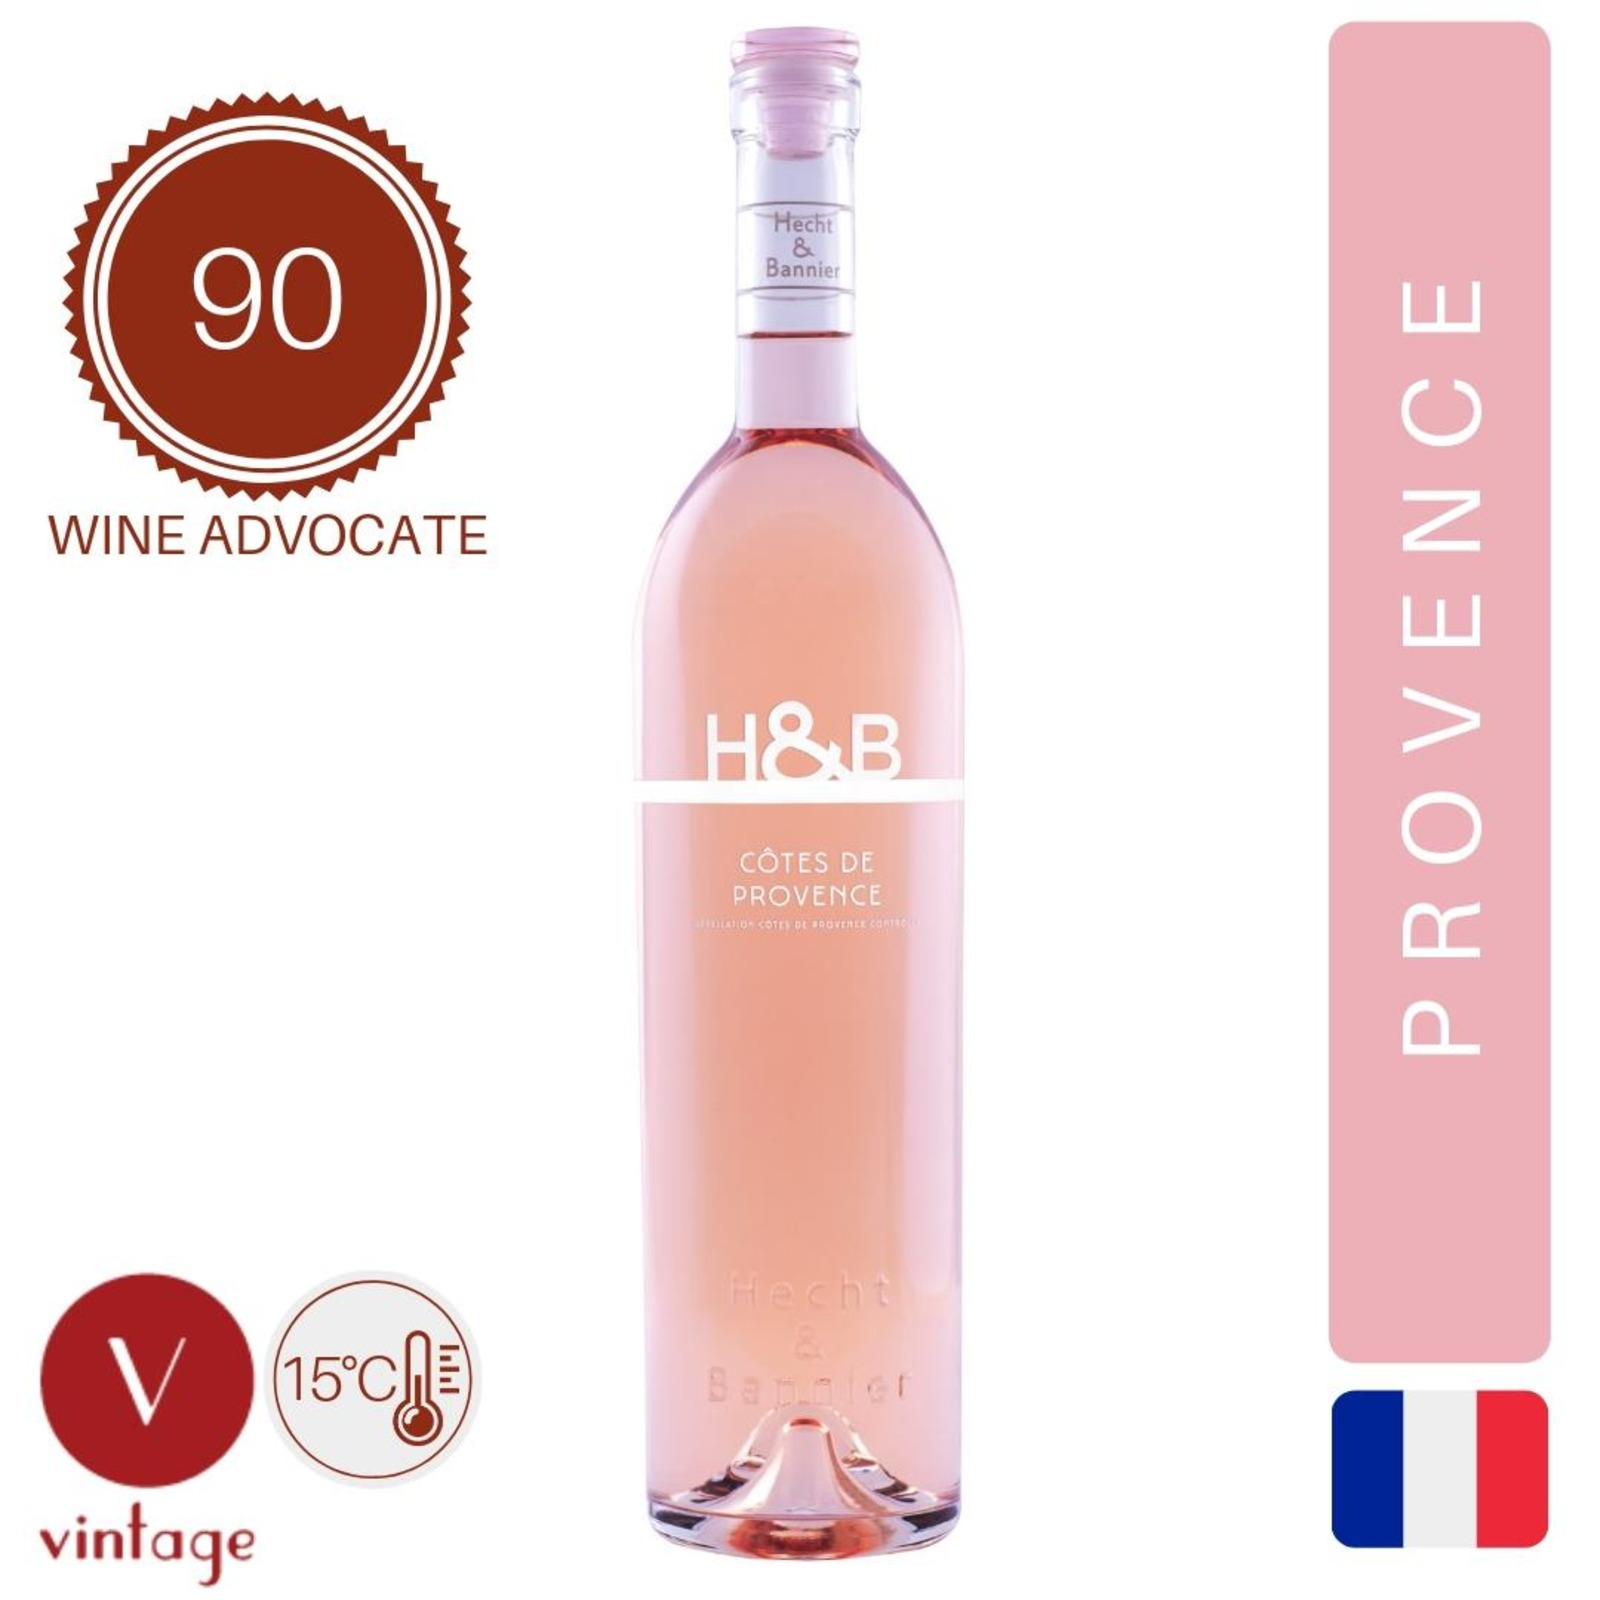 Hecht & Bannier - Cotes De Provence - Magnum - Rose Wine